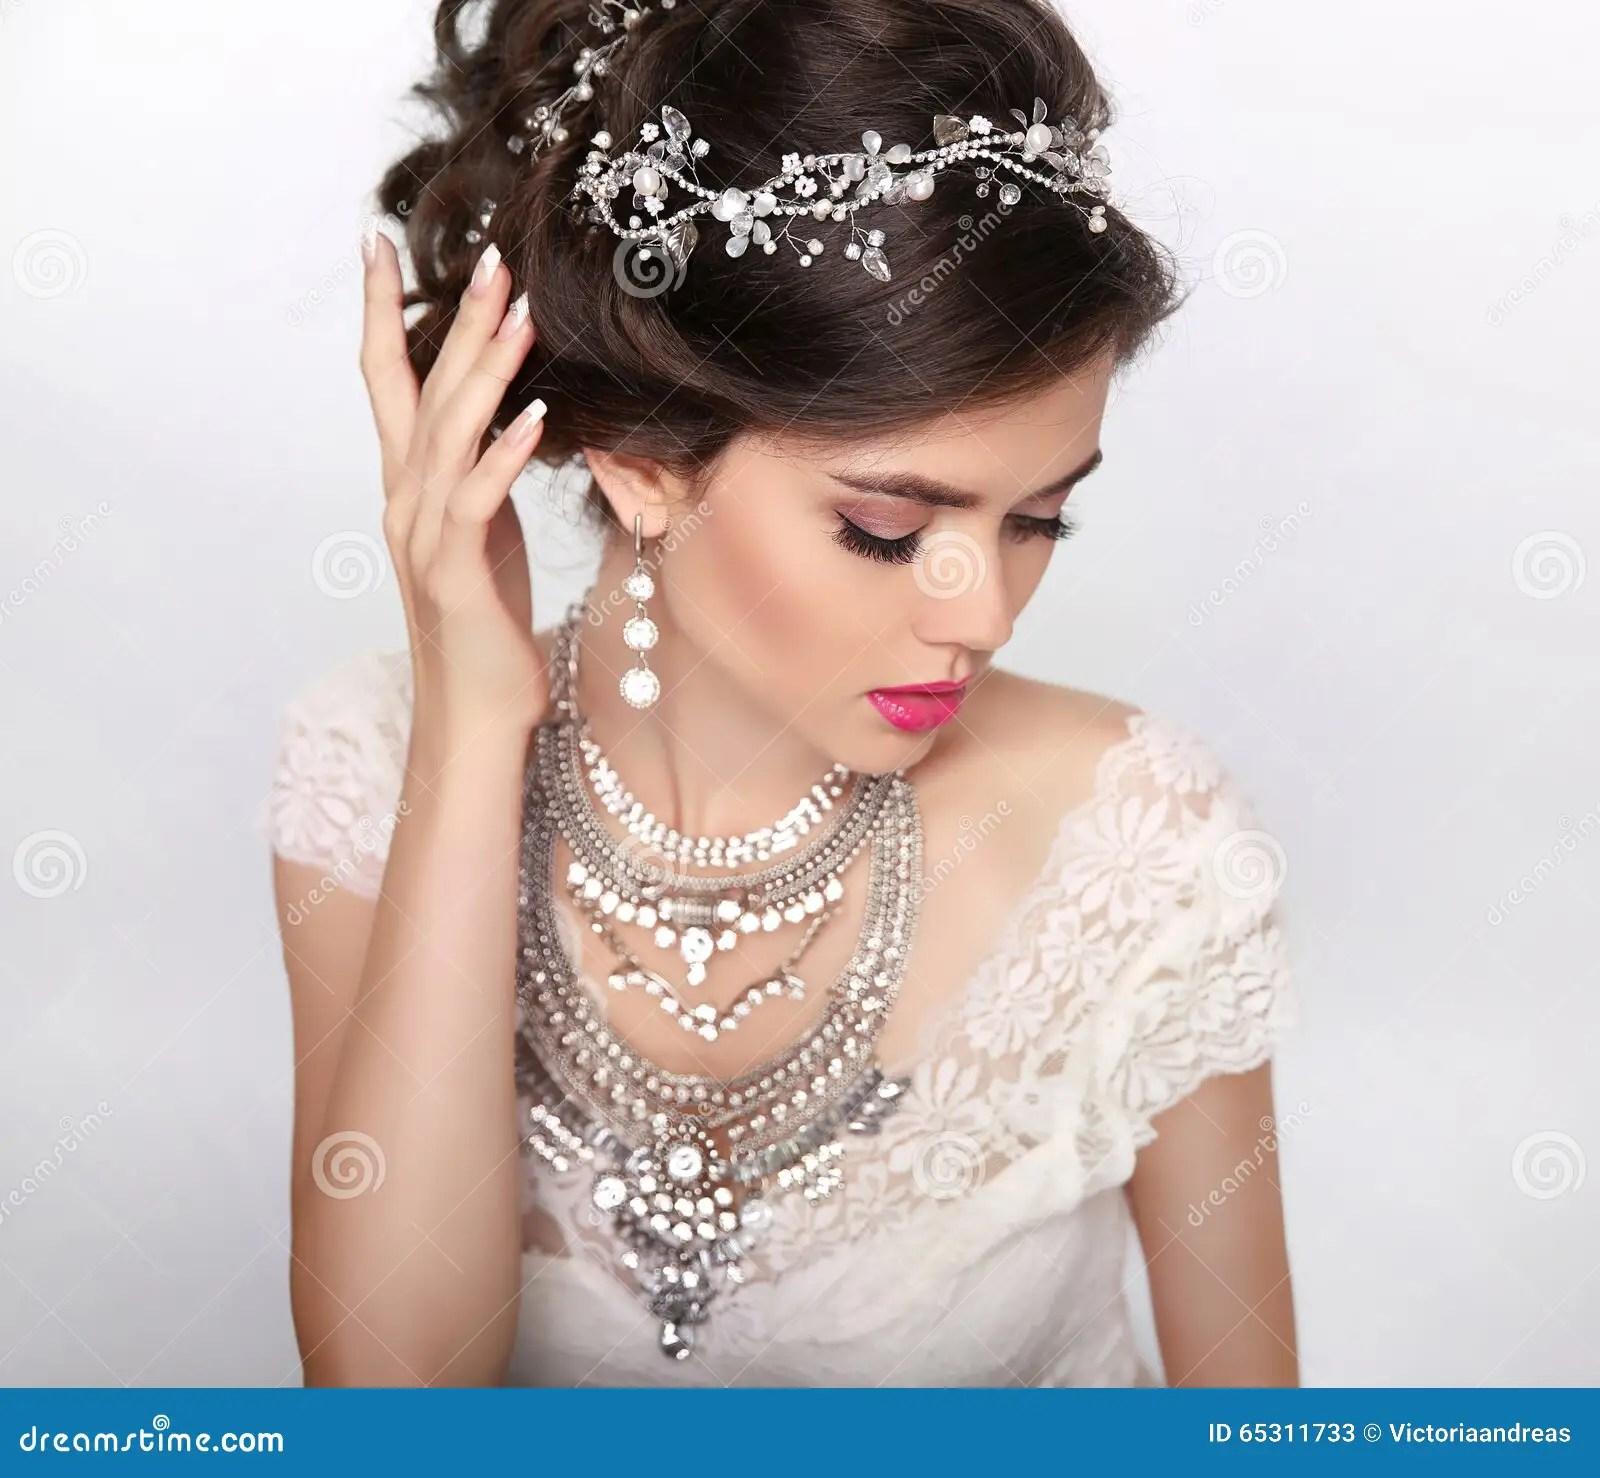 Jewelry Beautiful Fashion Luxury Hairstyle, Makeup